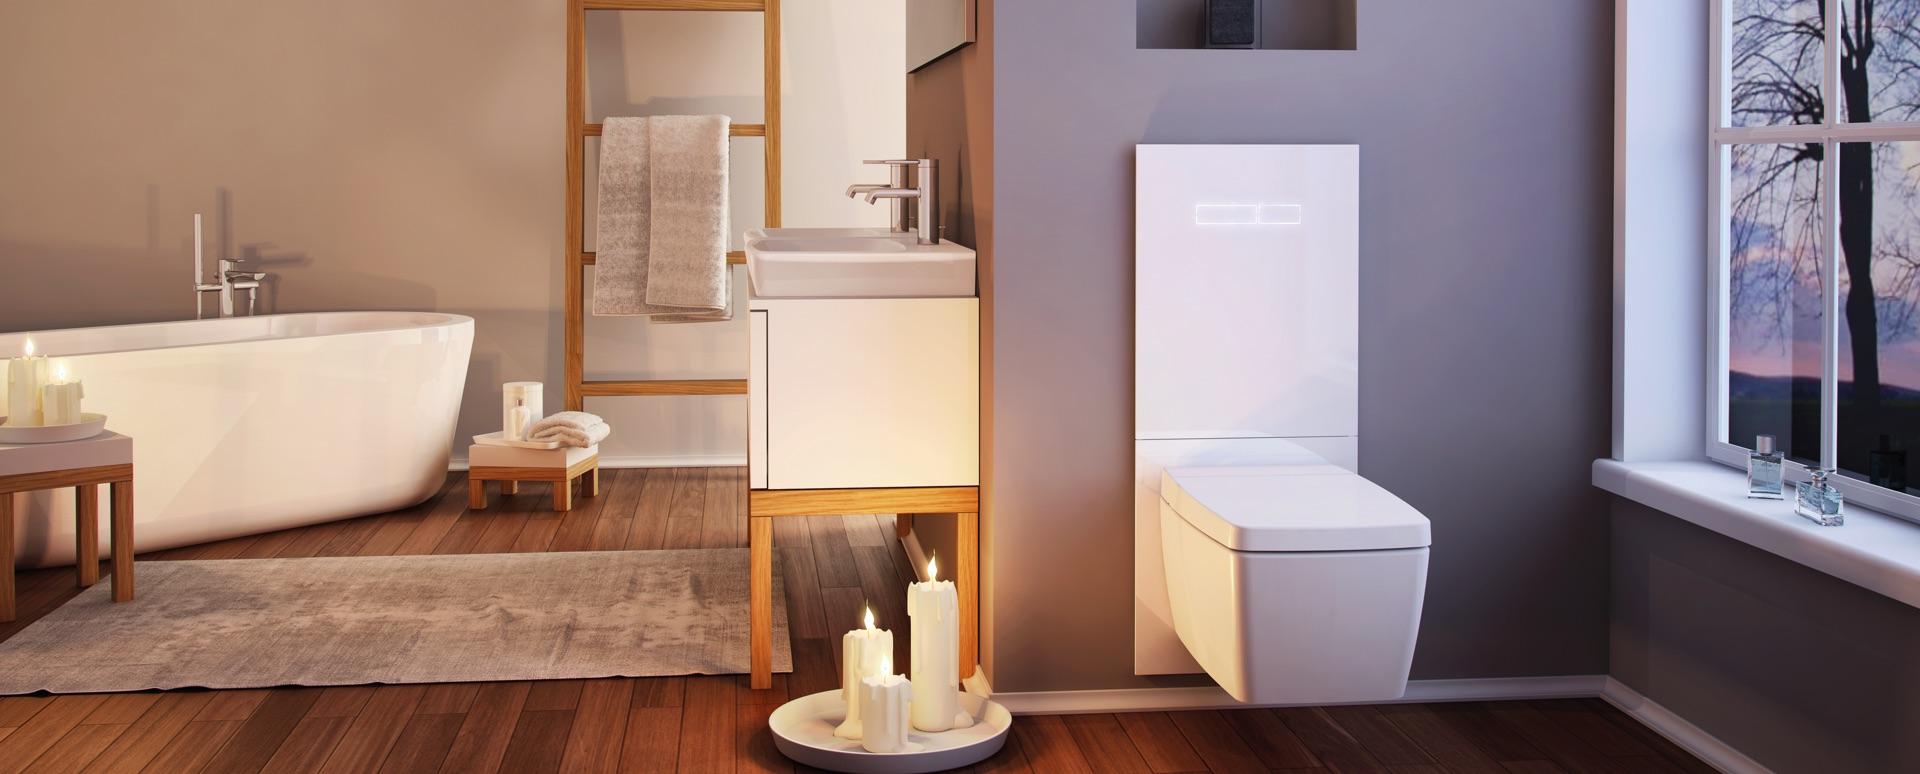 Tece-badkamers-Mijn-Bad-In-Stijl-badkamer-header